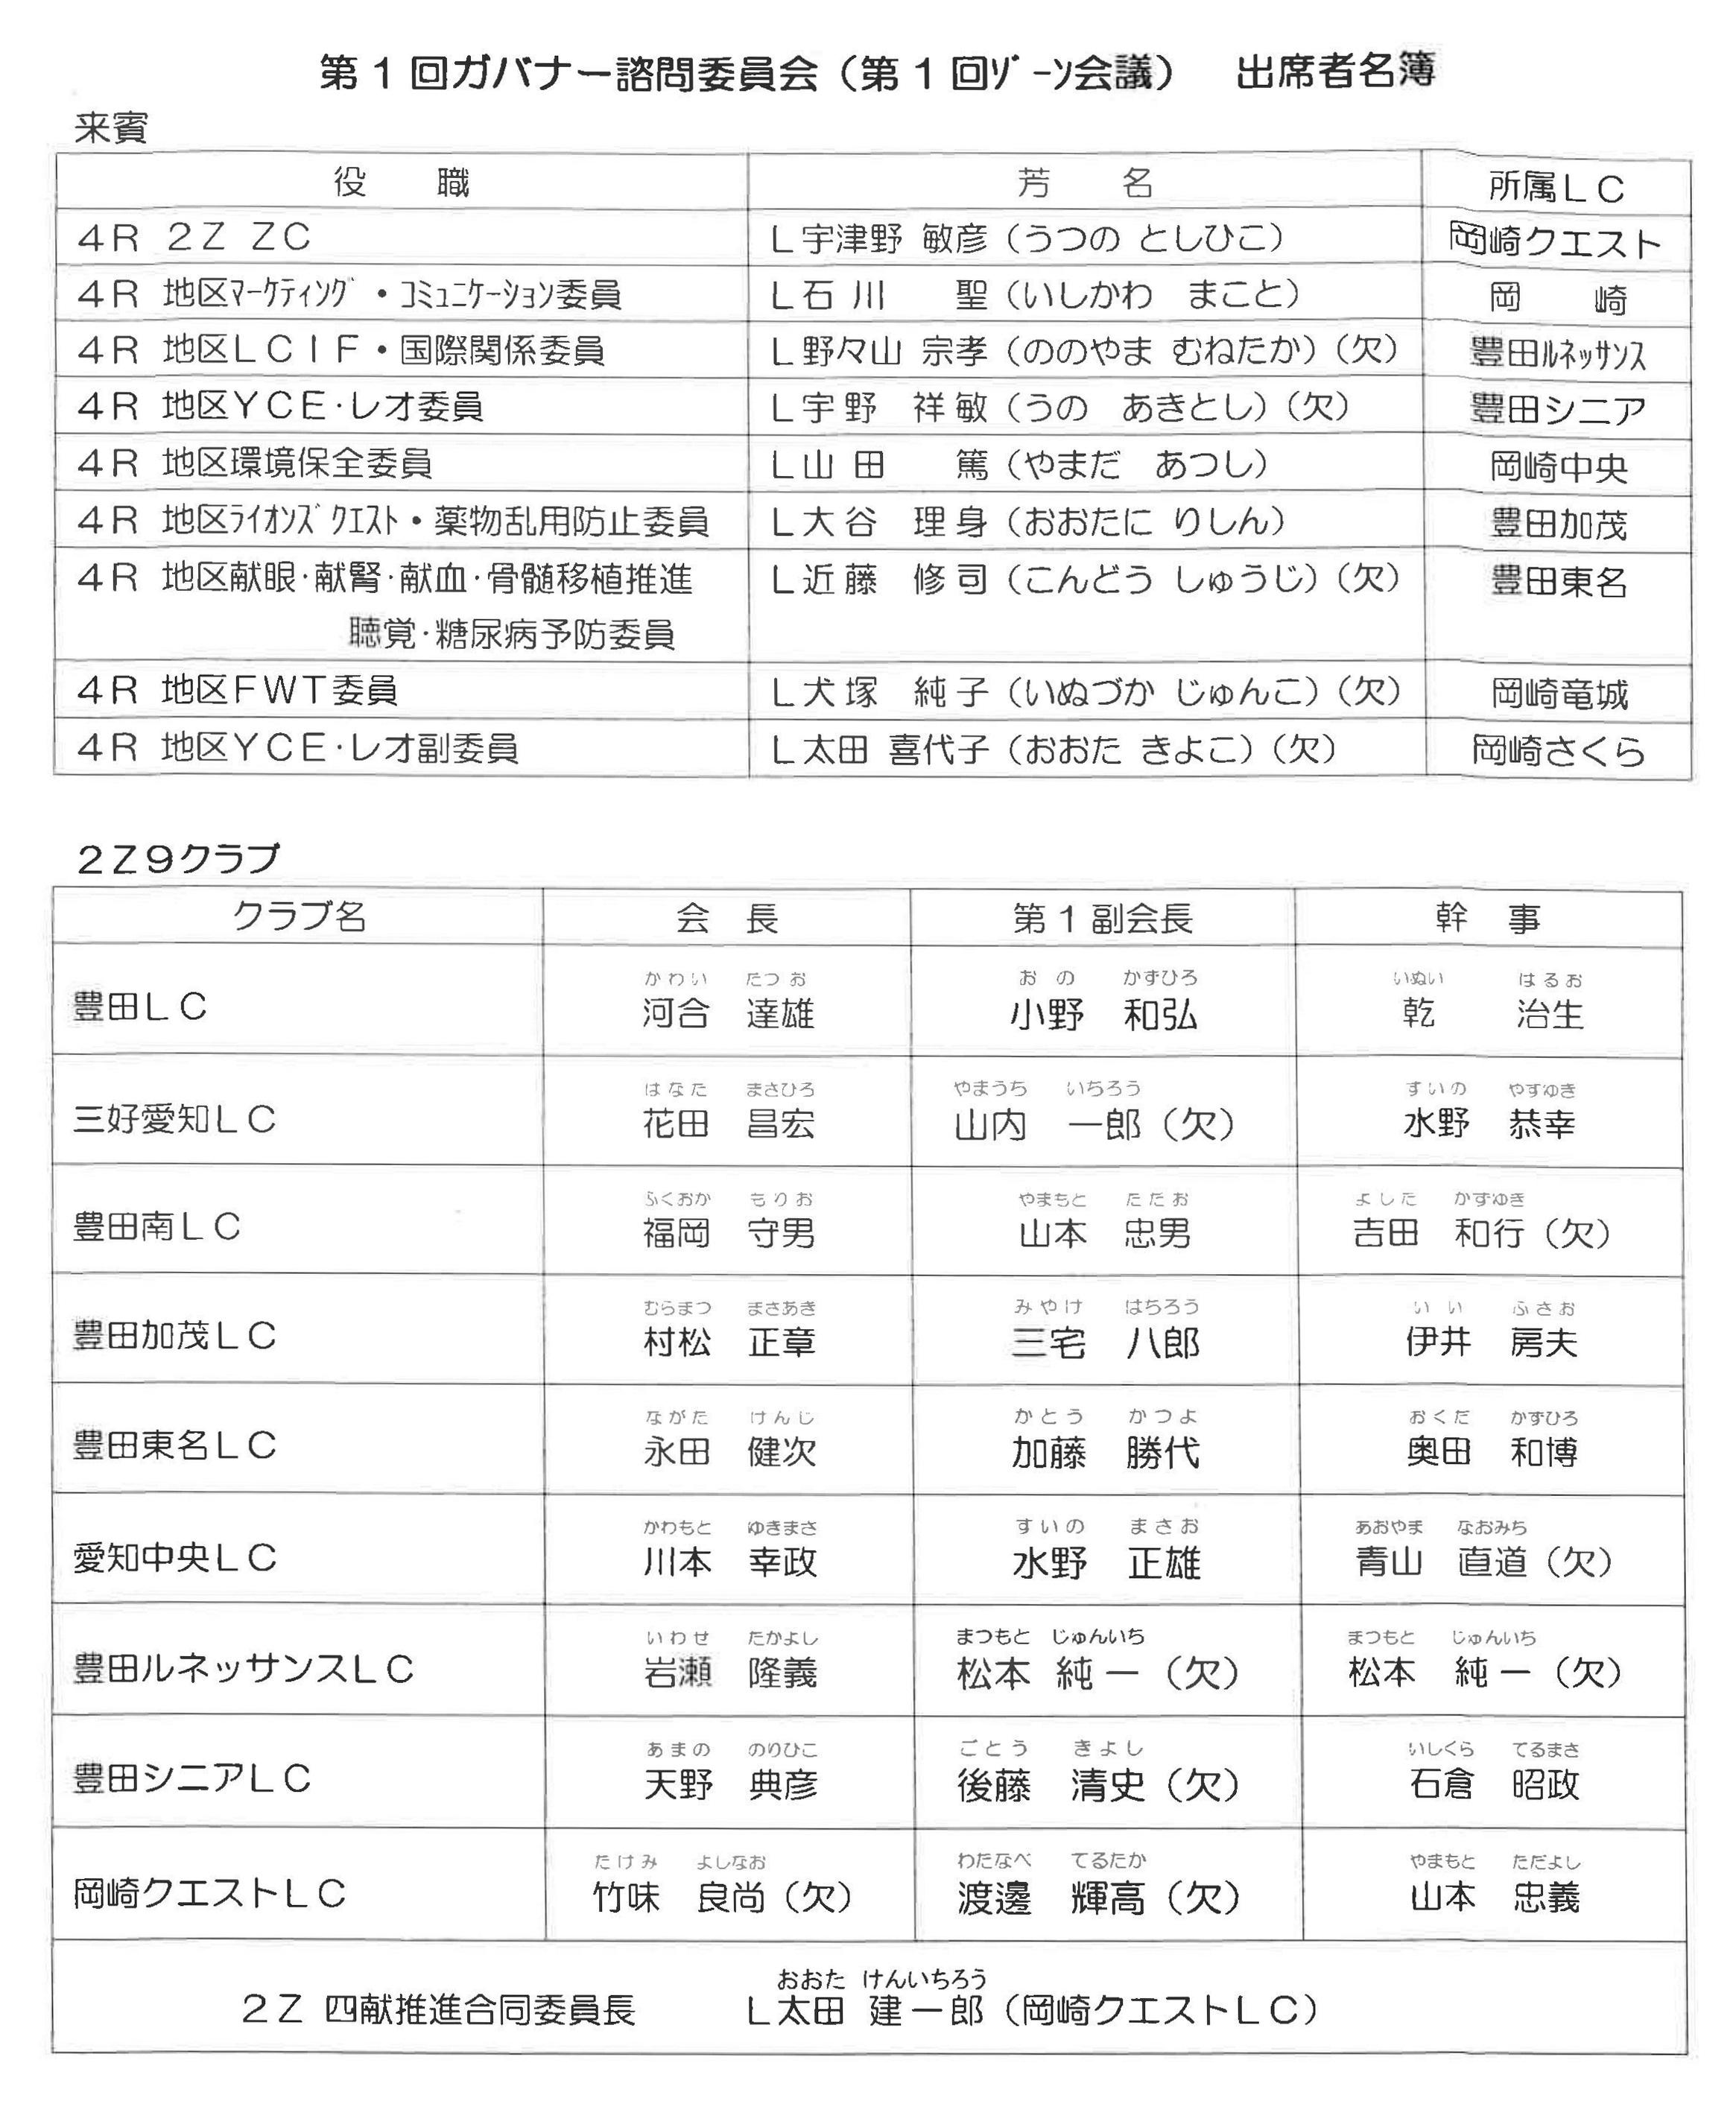 03第1回G諮問委員会Z会議 出席者名簿1